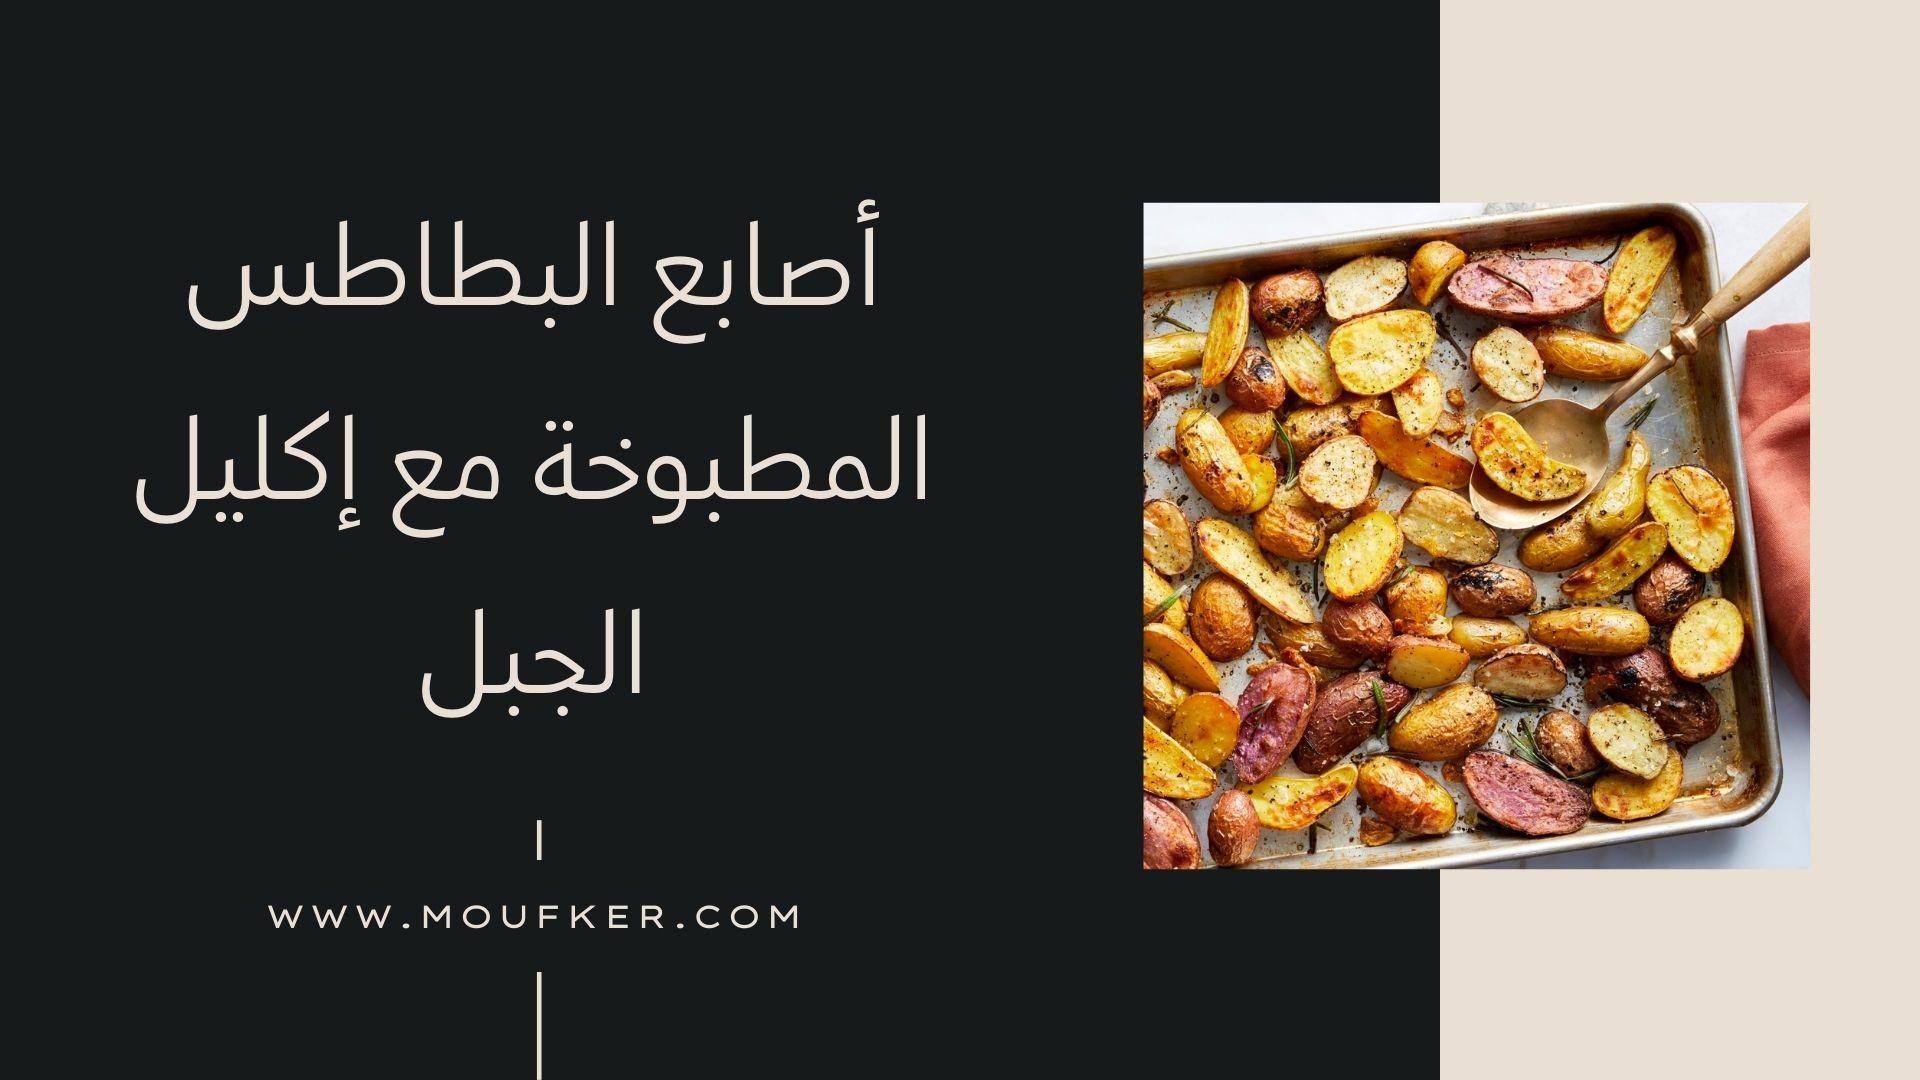 أصابع البطاطس المطبوخة مع إكليل الجبل